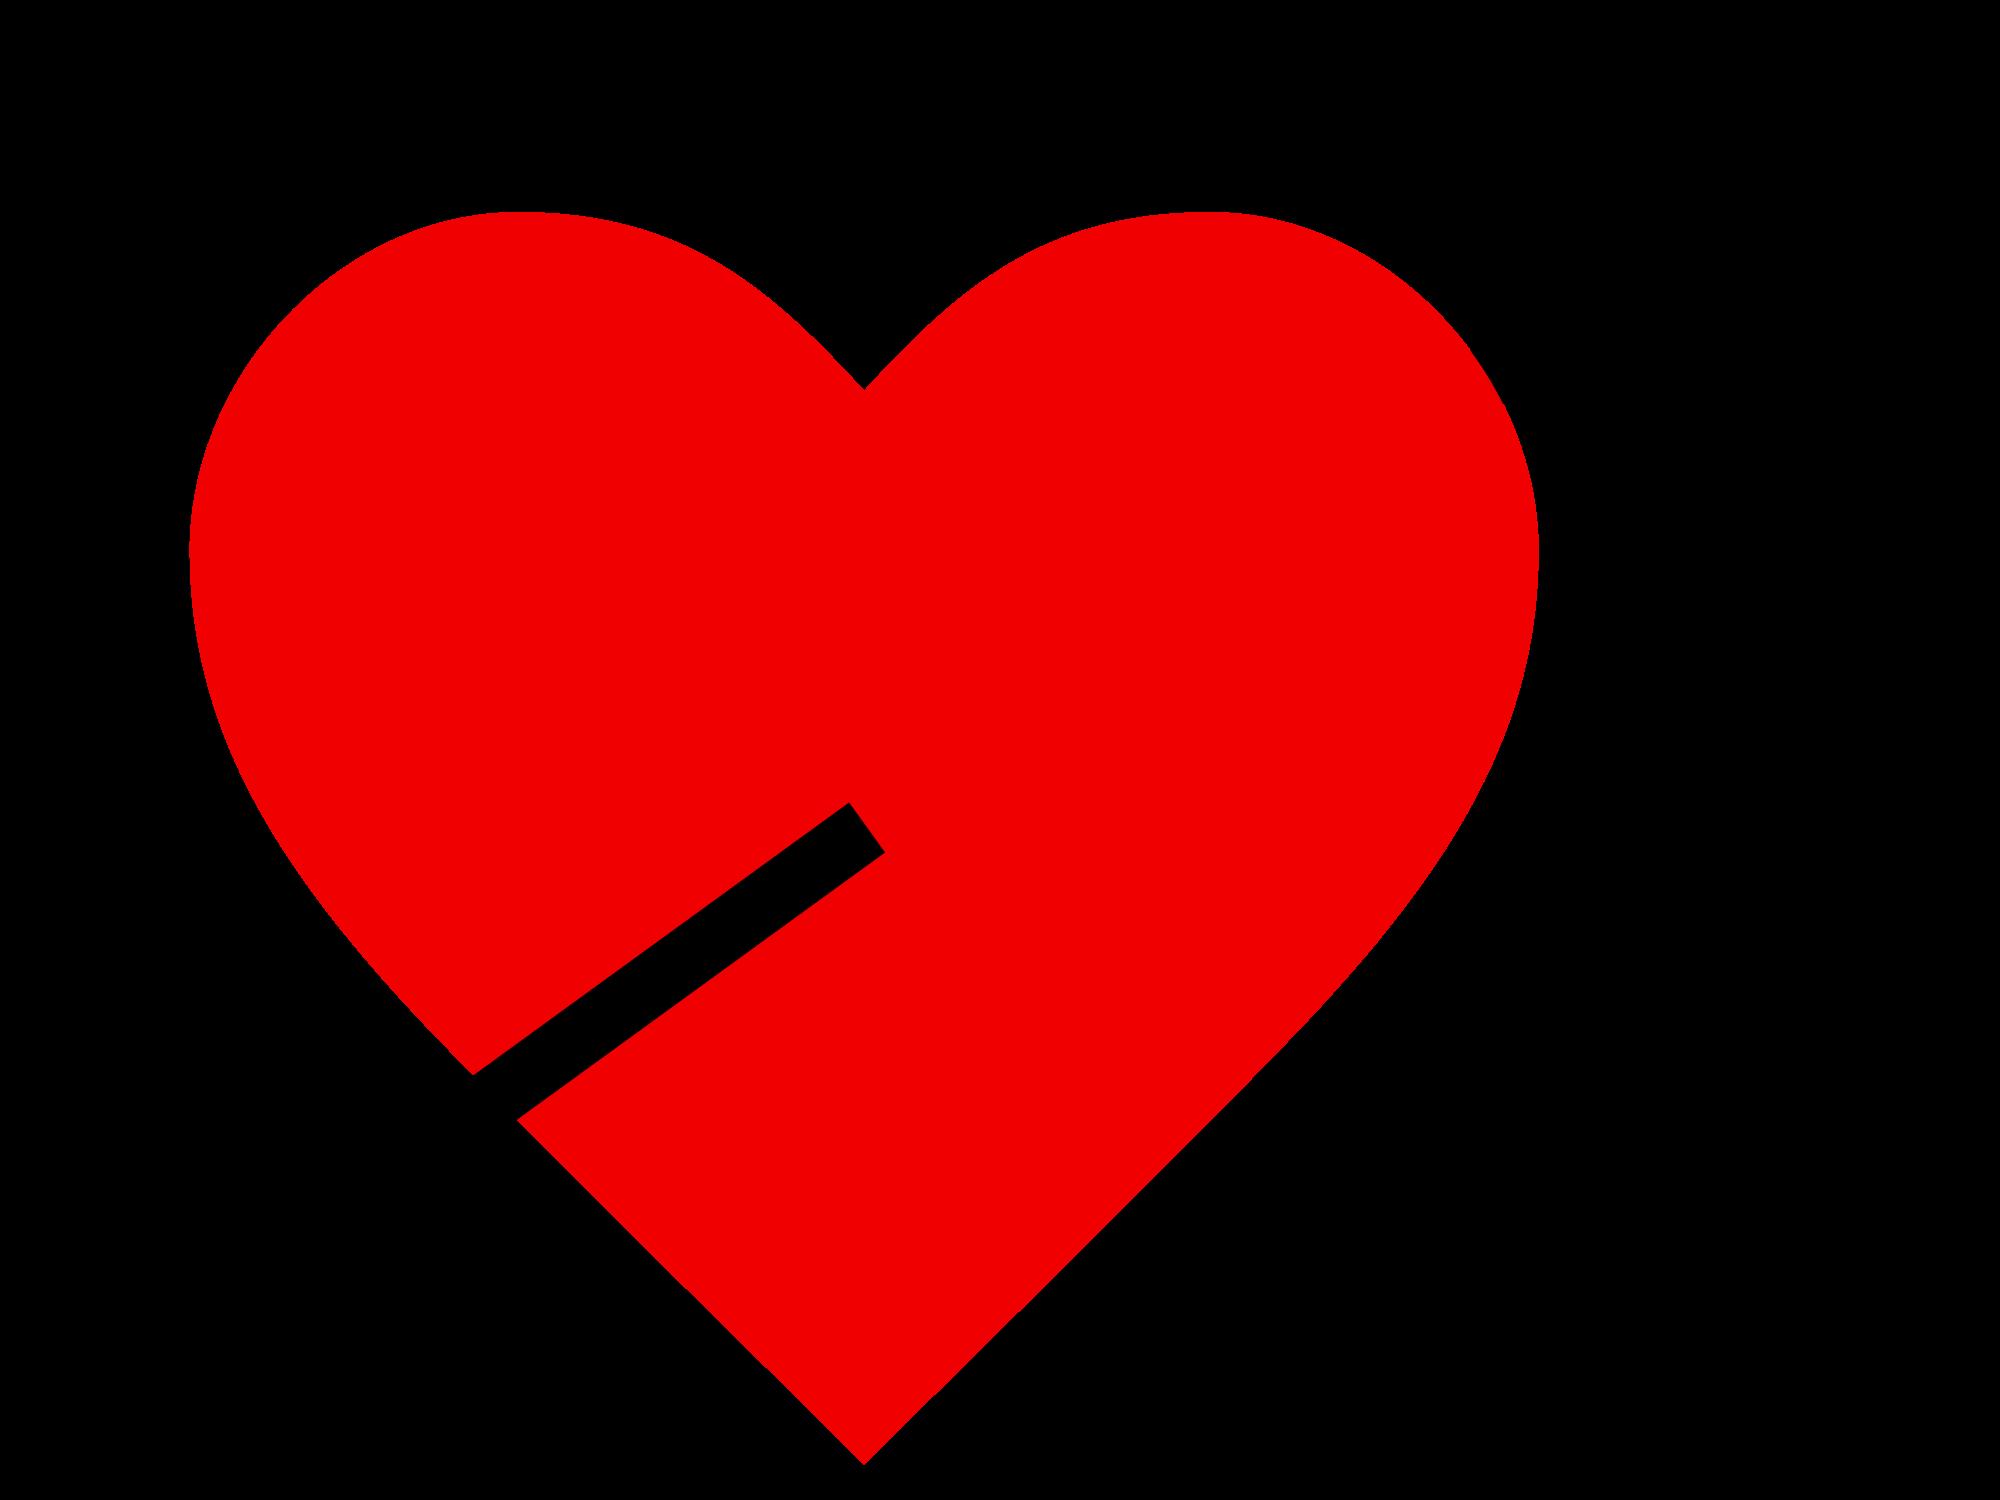 Heart with arrow clipart